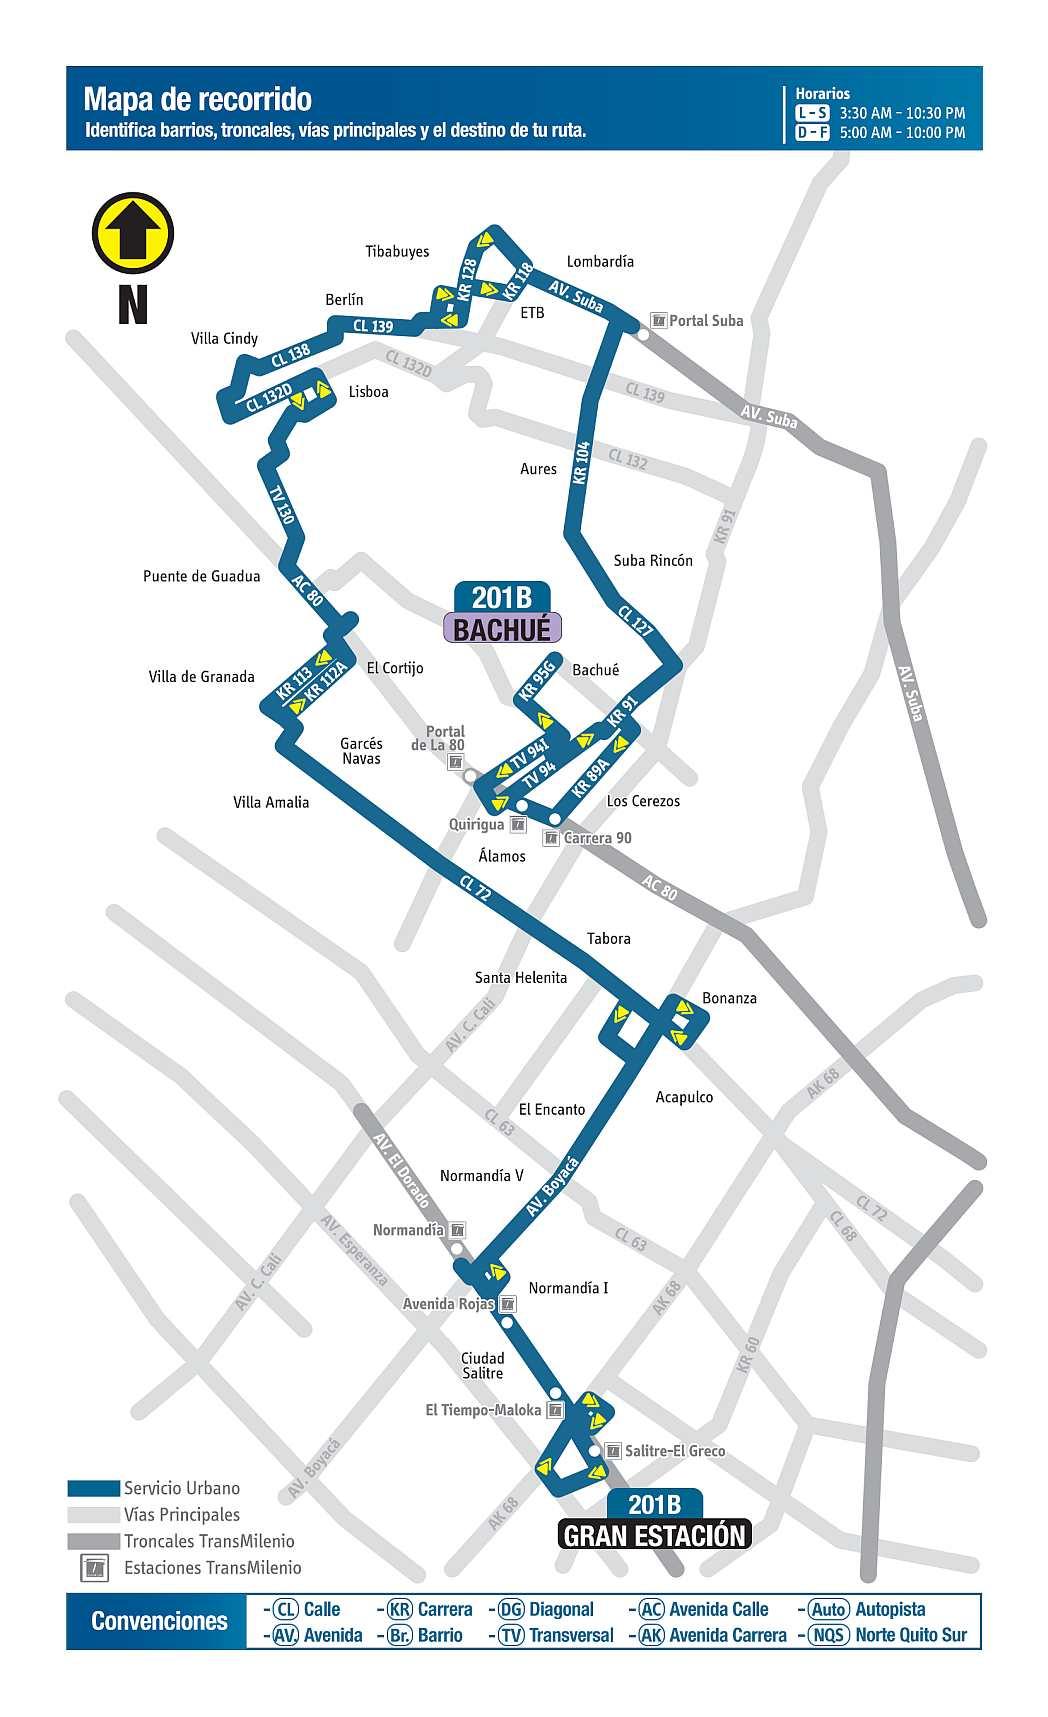 201B Bachué - Gran Estación, mapa bus urbano Bogotá